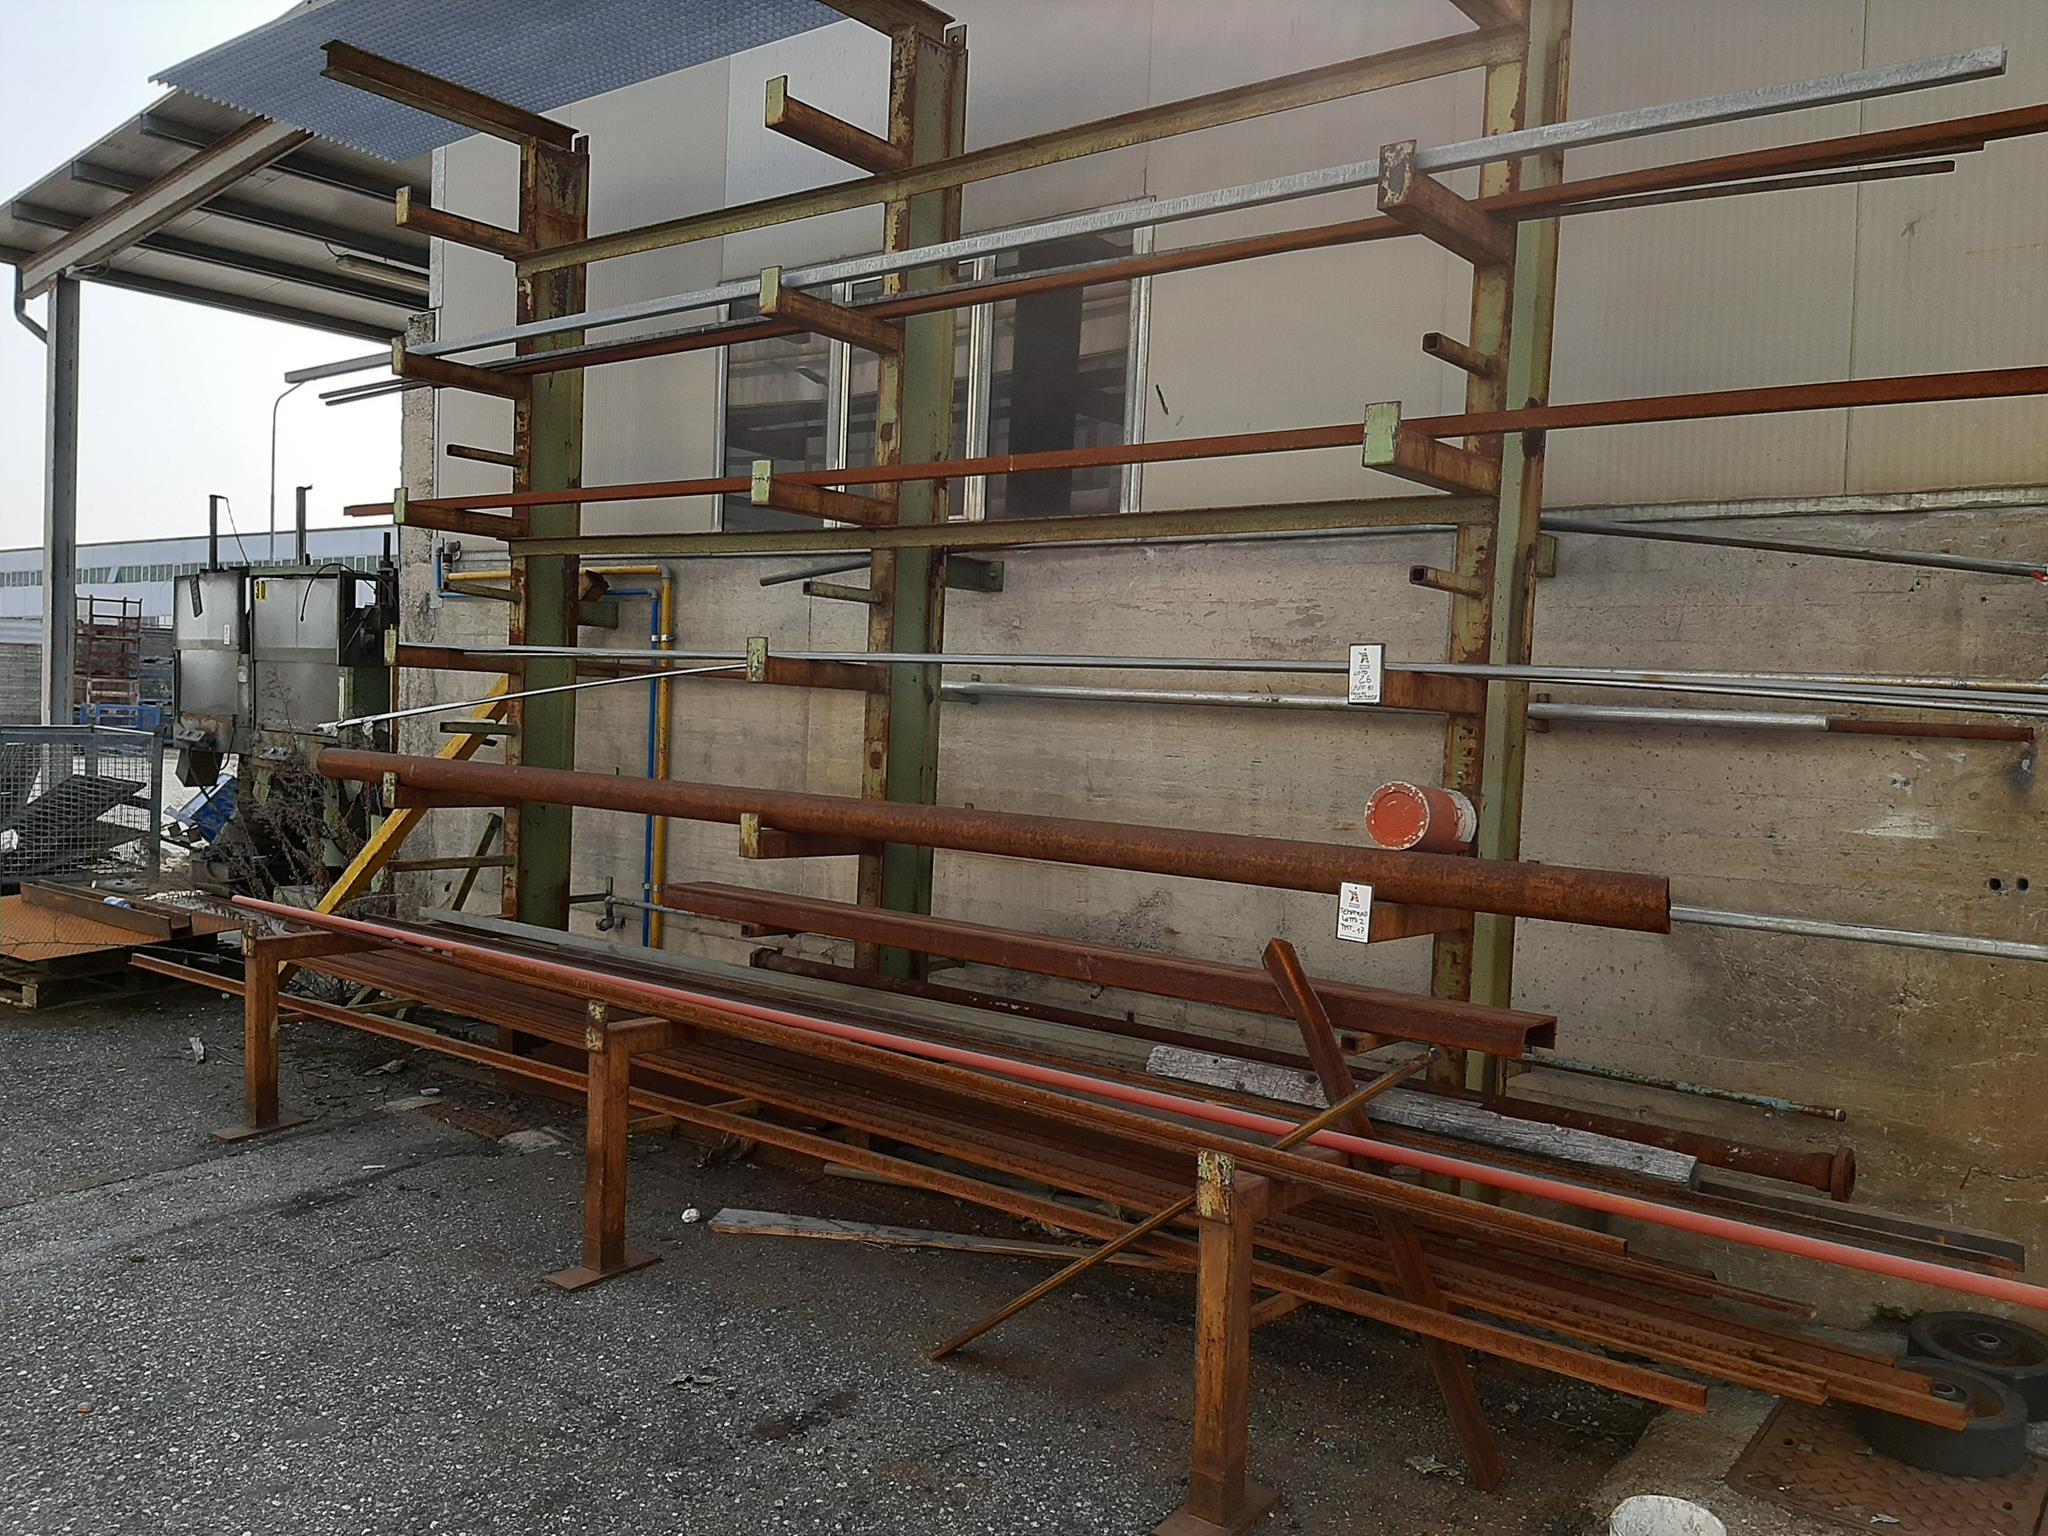 Trapano radiale Itama e materiale ferroso vario in vendita - foto 5